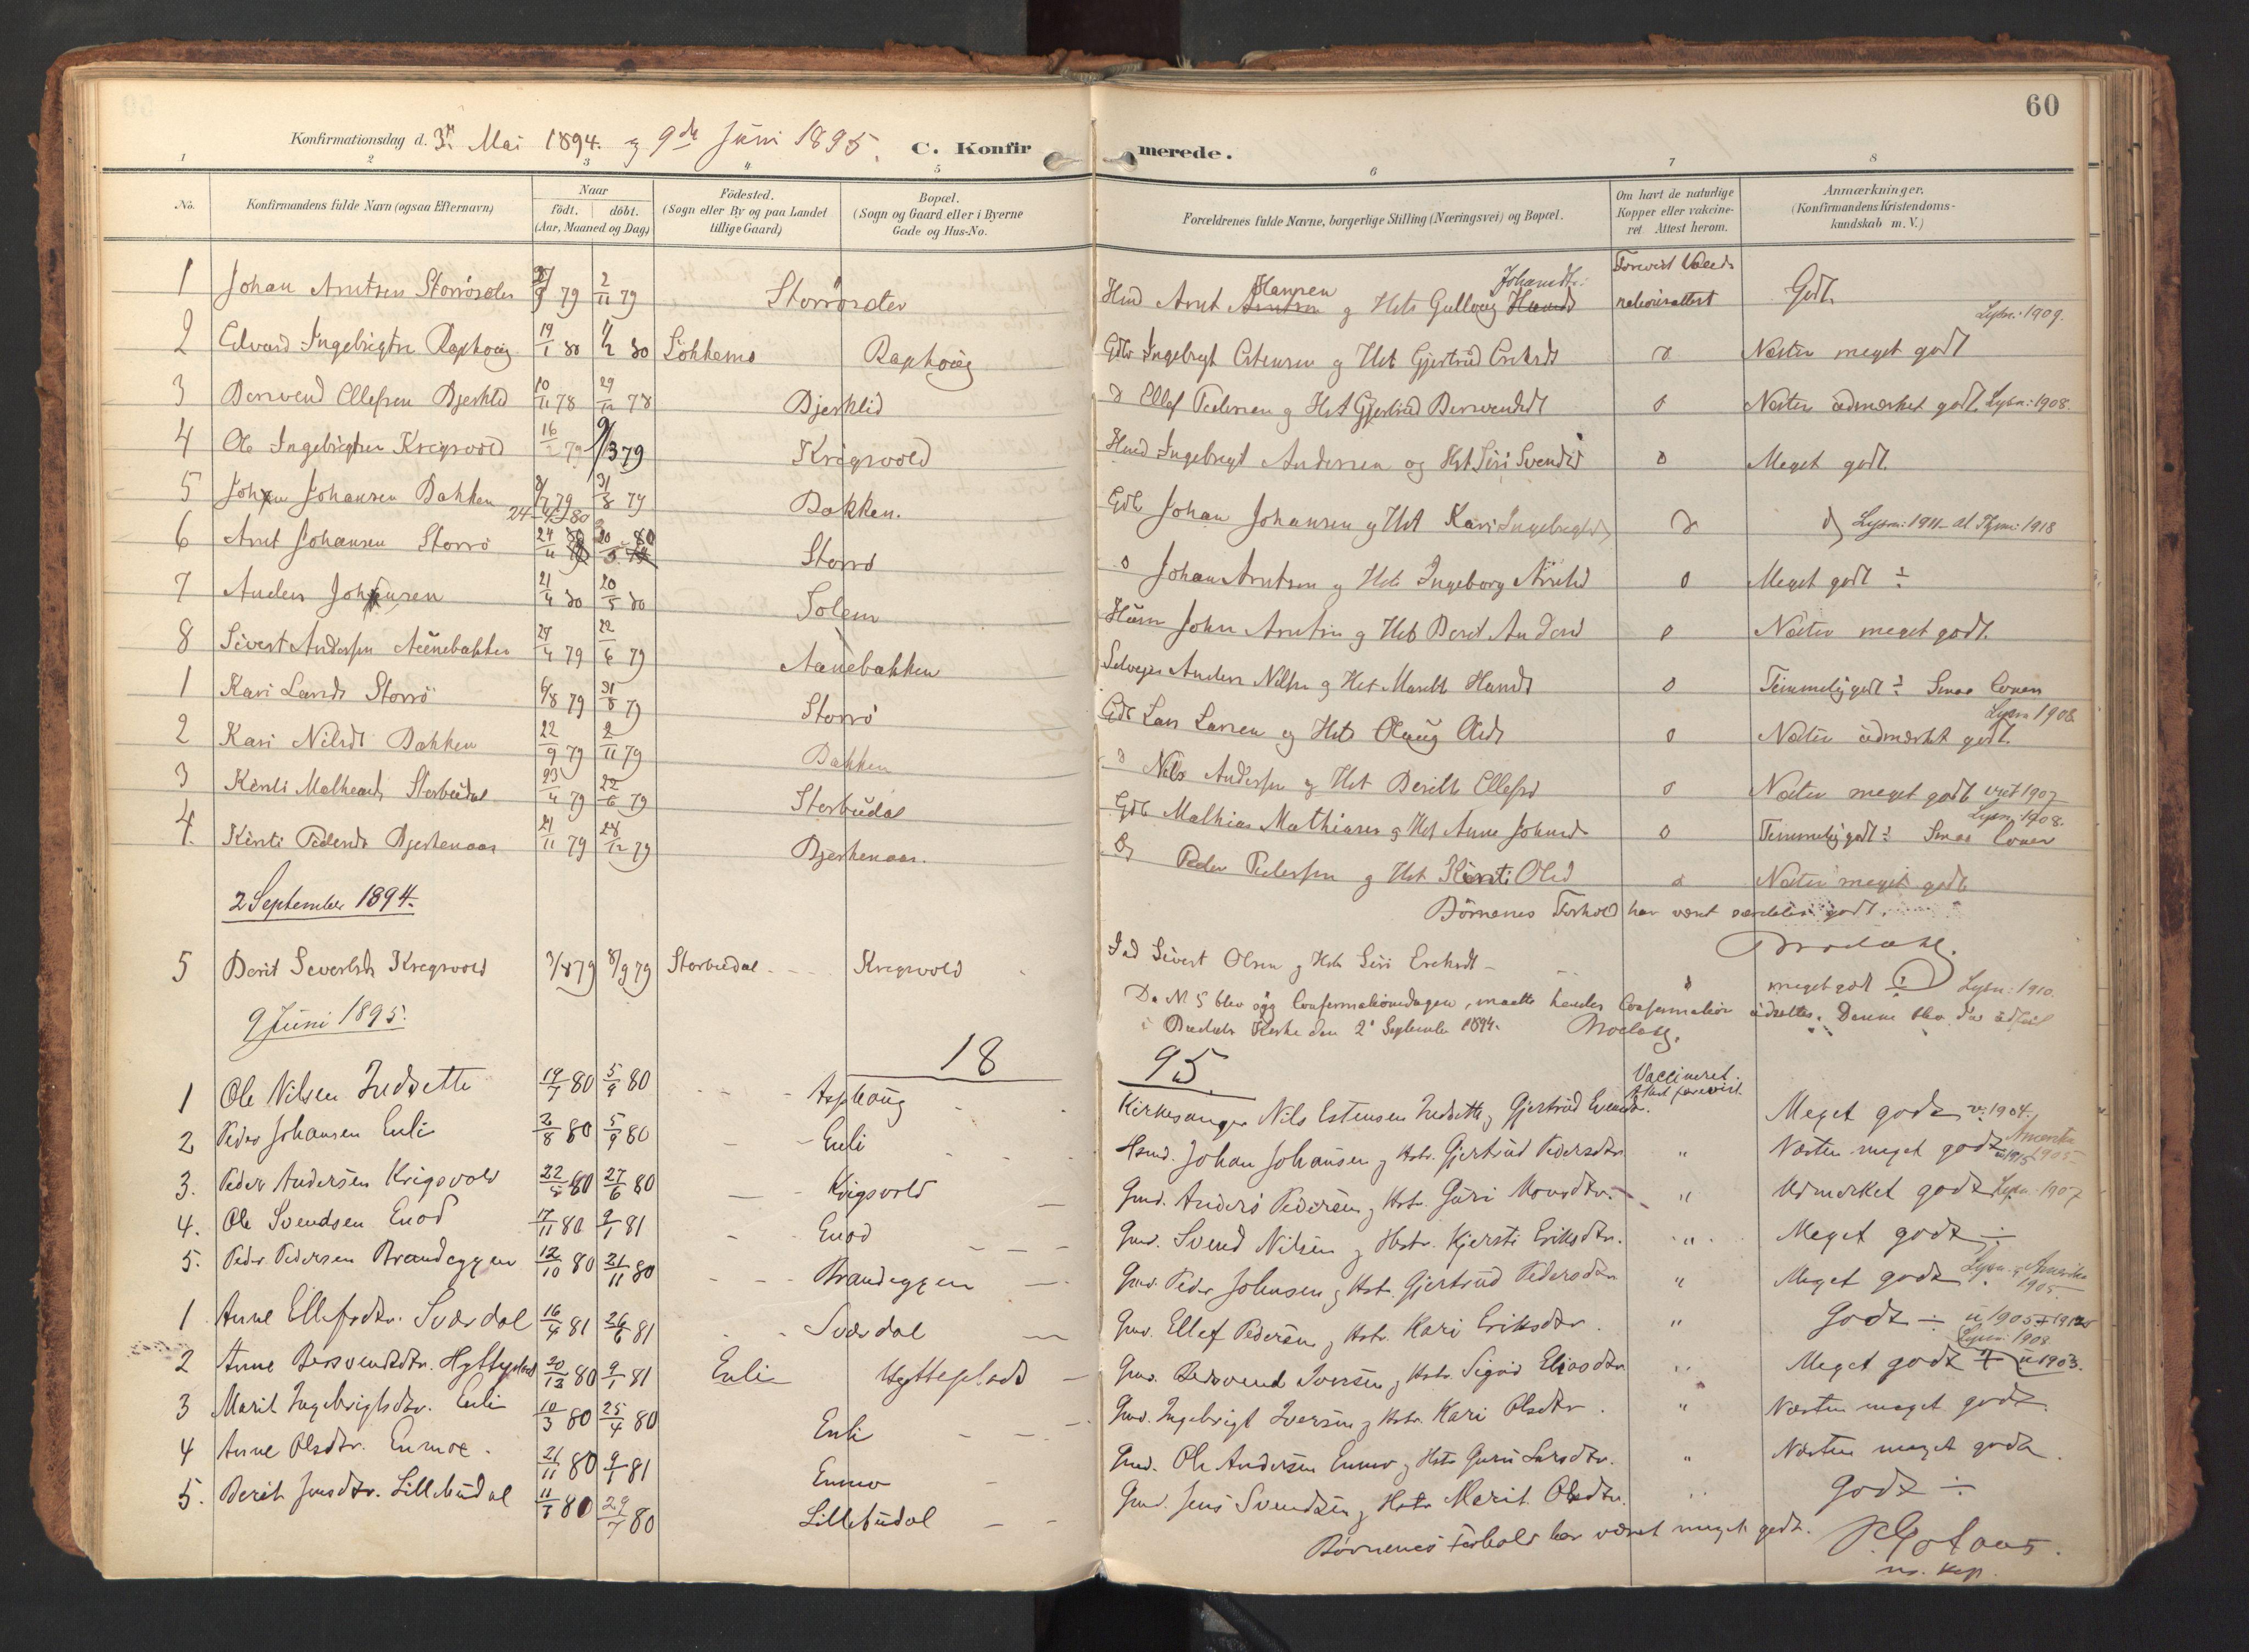 SAT, Ministerialprotokoller, klokkerbøker og fødselsregistre - Sør-Trøndelag, 690/L1050: Ministerialbok nr. 690A01, 1889-1929, s. 60